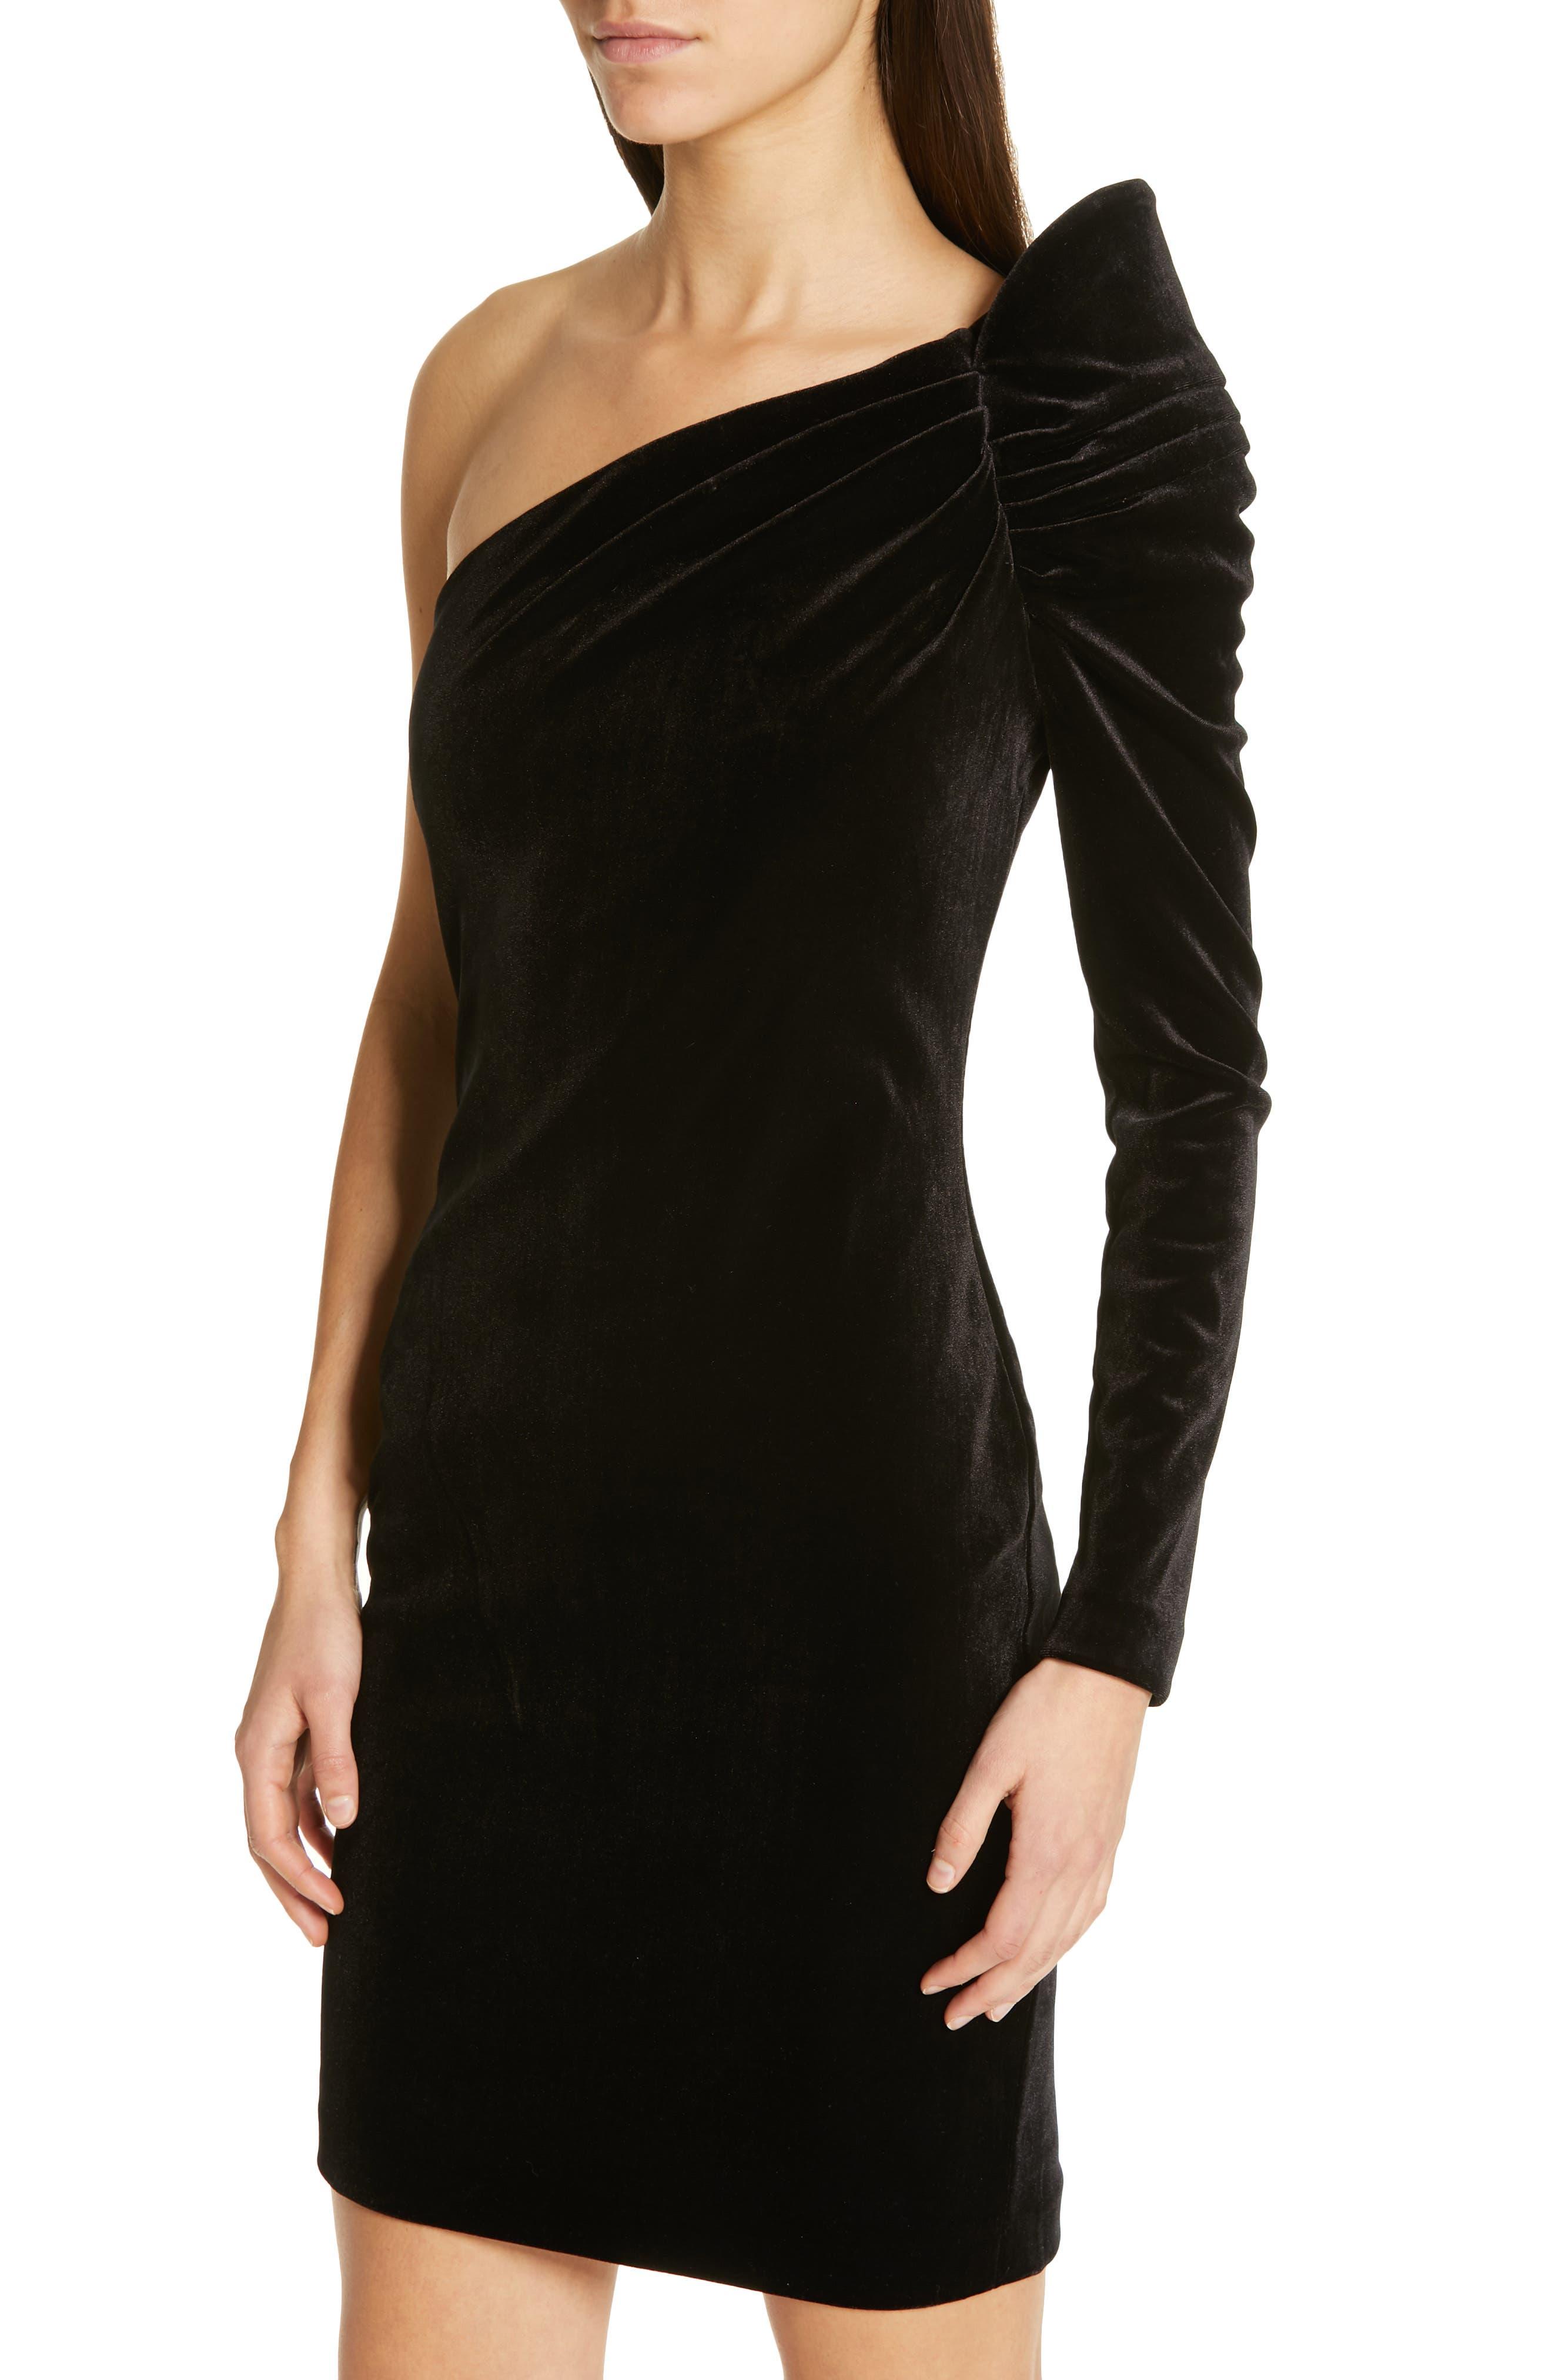 Awwtum One-Shoulder Velvet Body-Con Dress,                             Alternate thumbnail 4, color,                             BLACK